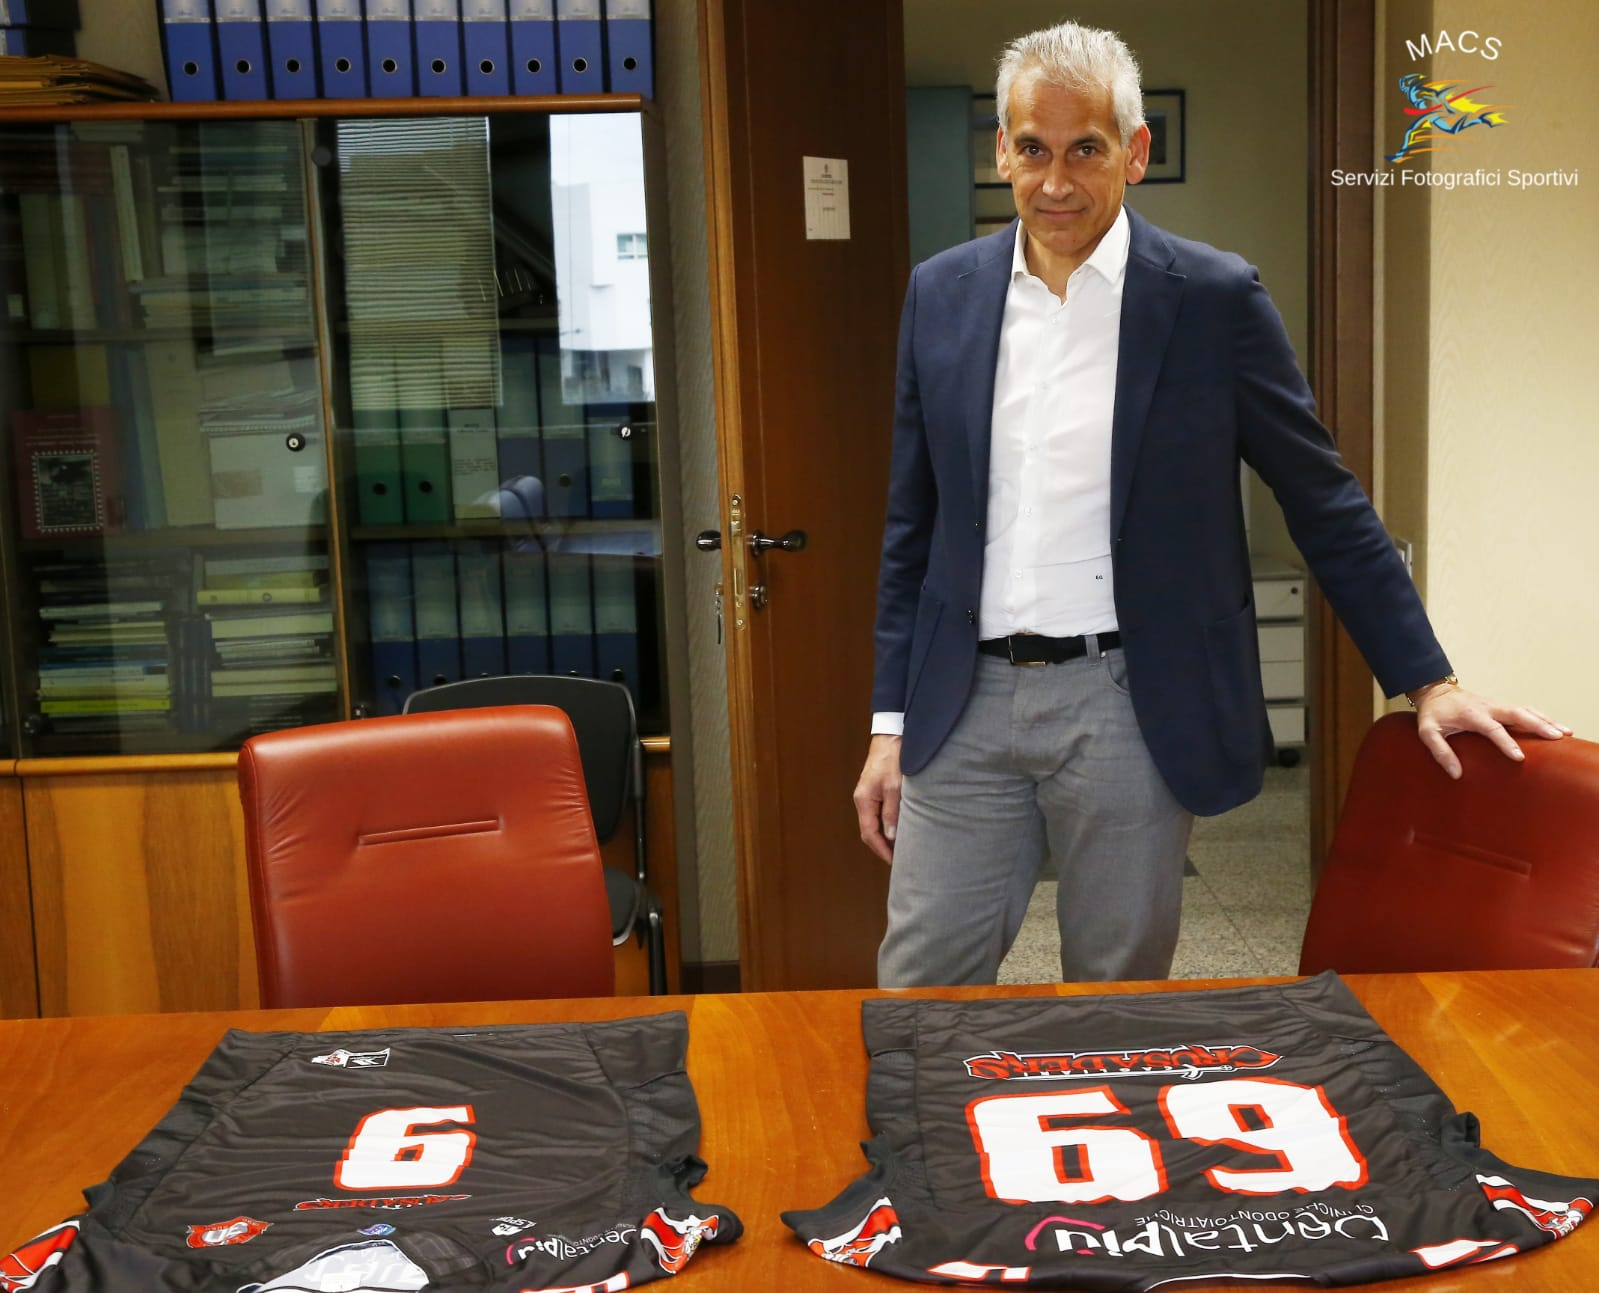 Il presidente dei Cru Emanuele Garzia posa con le maglie